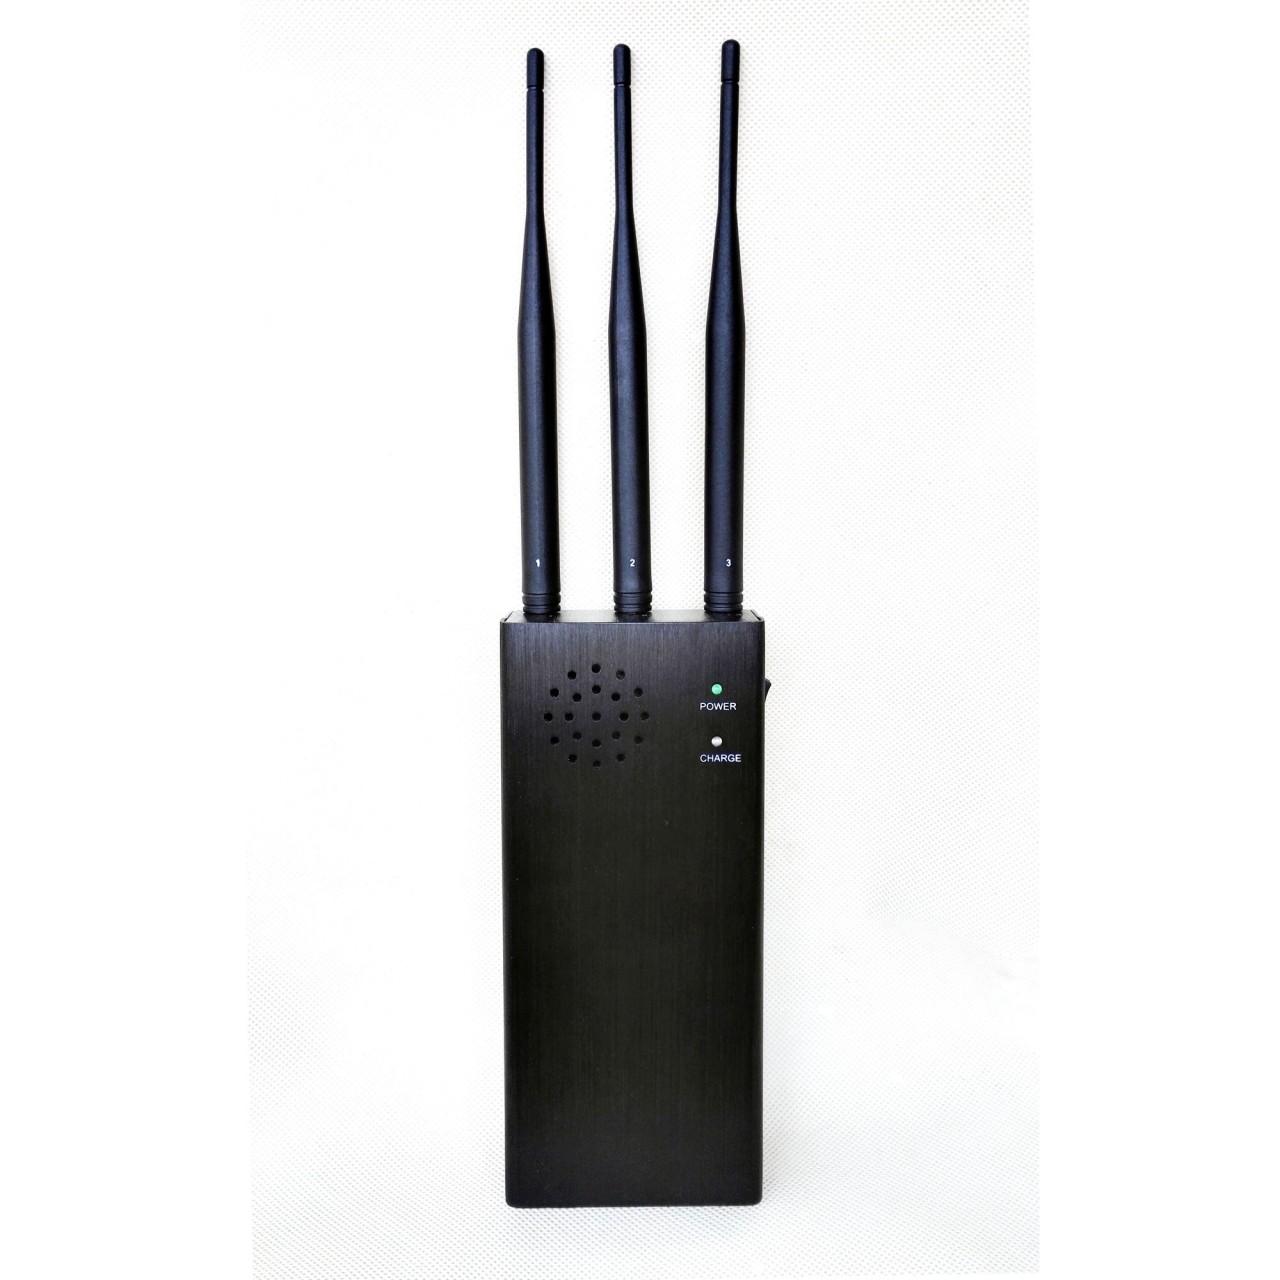 315 mhz jammer - High Power 315MHz Jammer